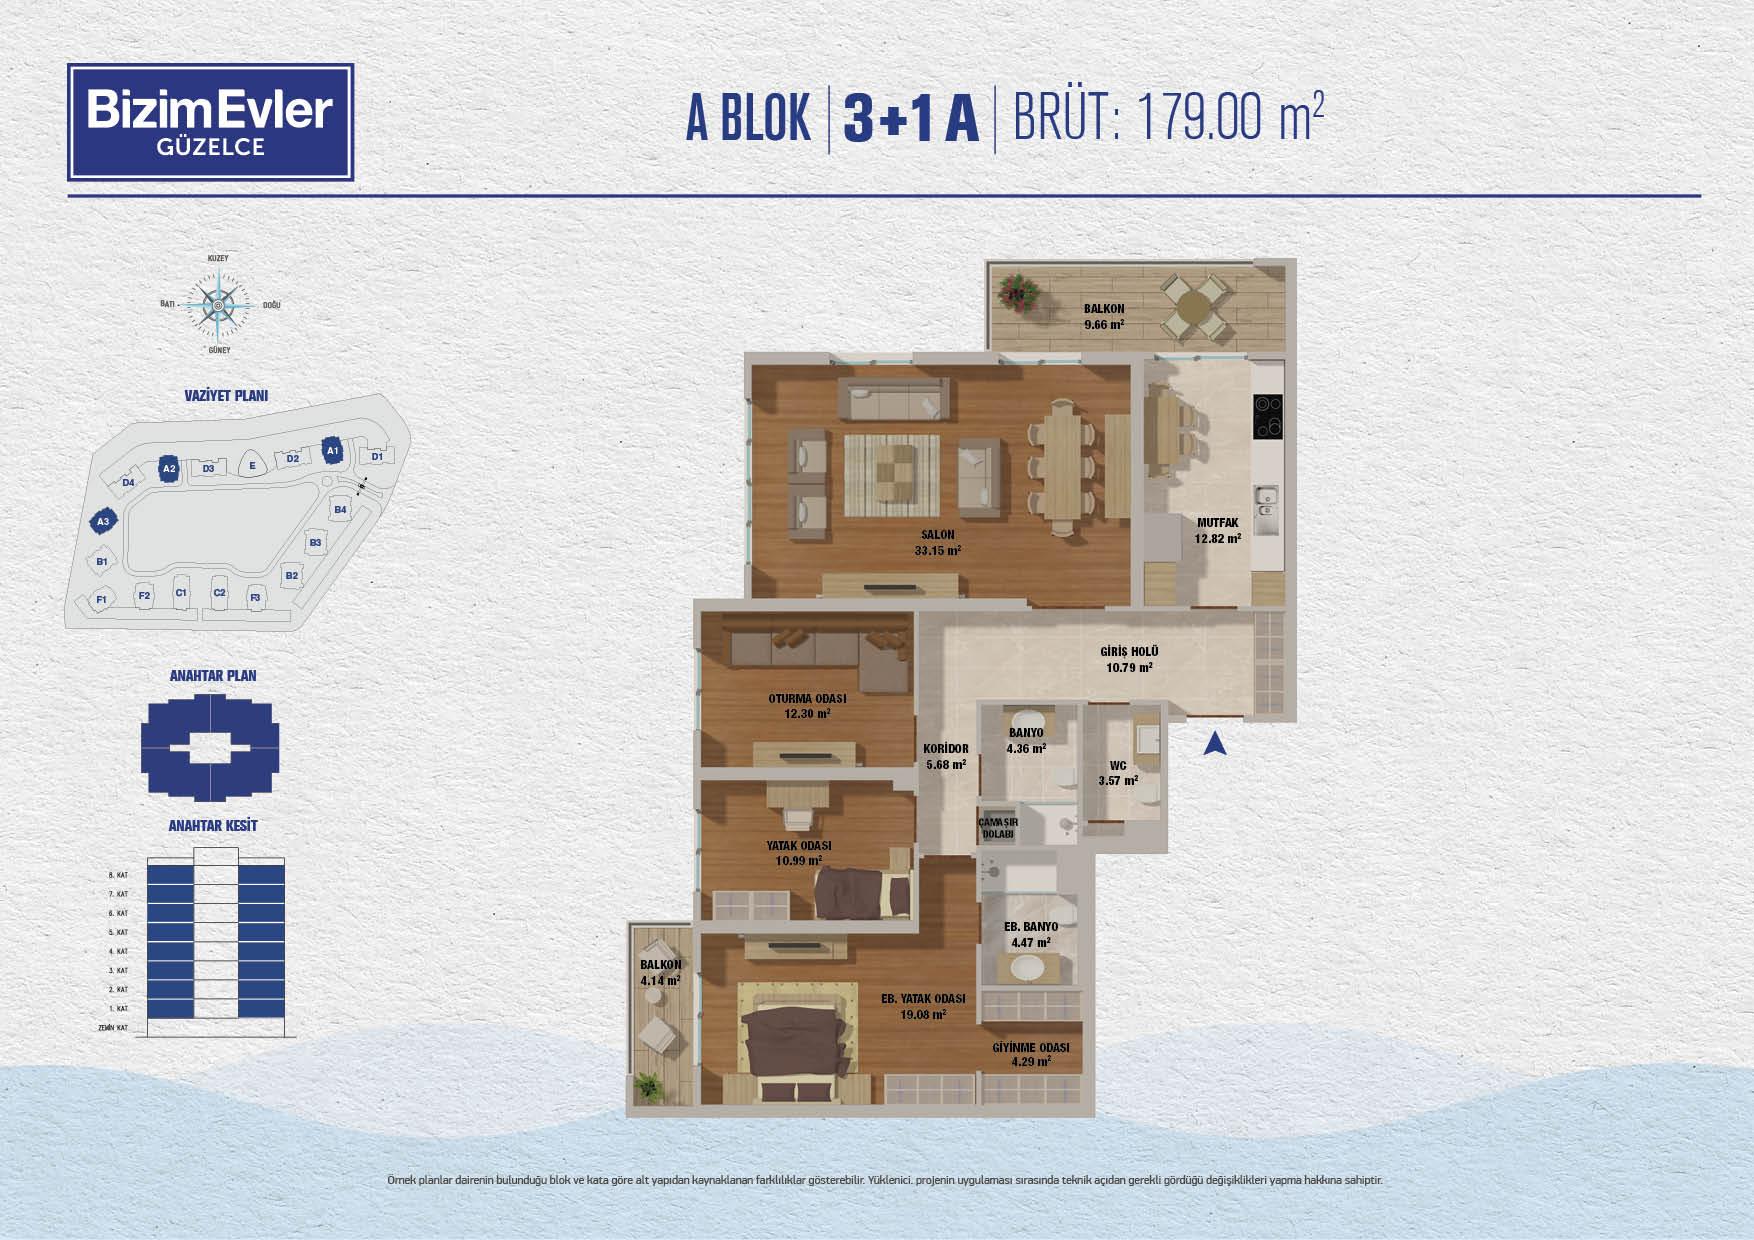 Bizim Evler Güzelce 3+1 Kat Planları